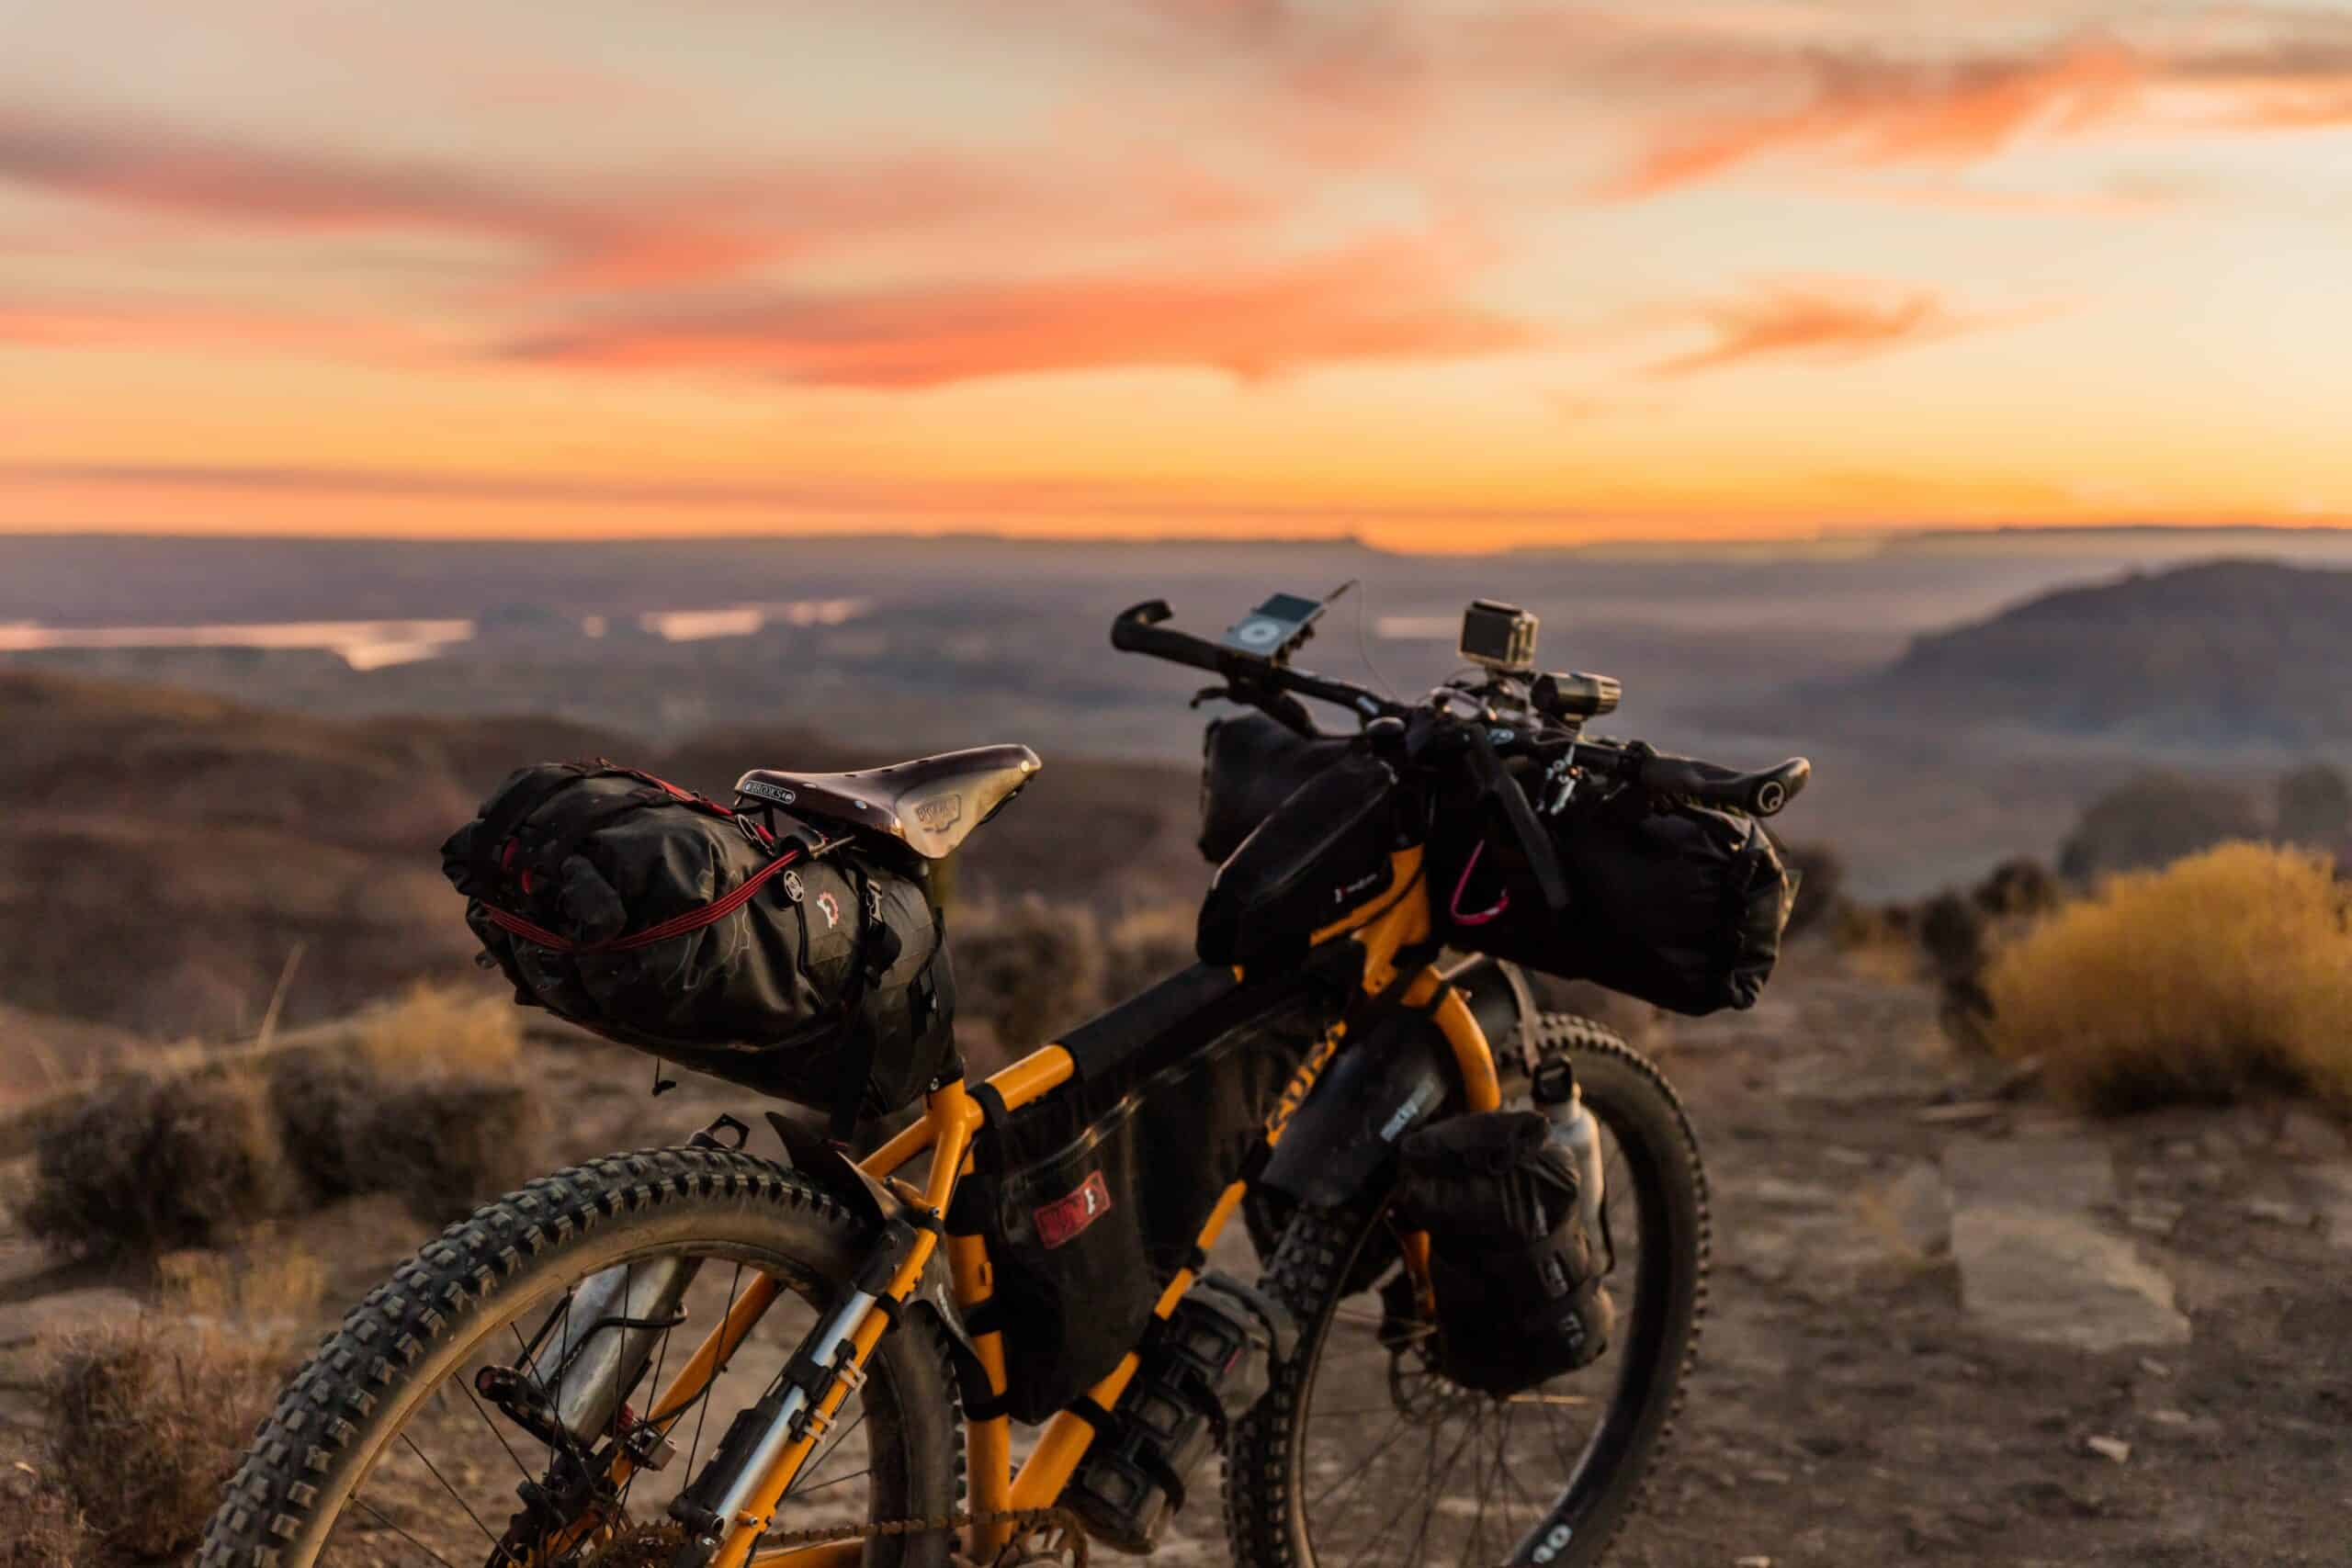 mountain bike sunset gear